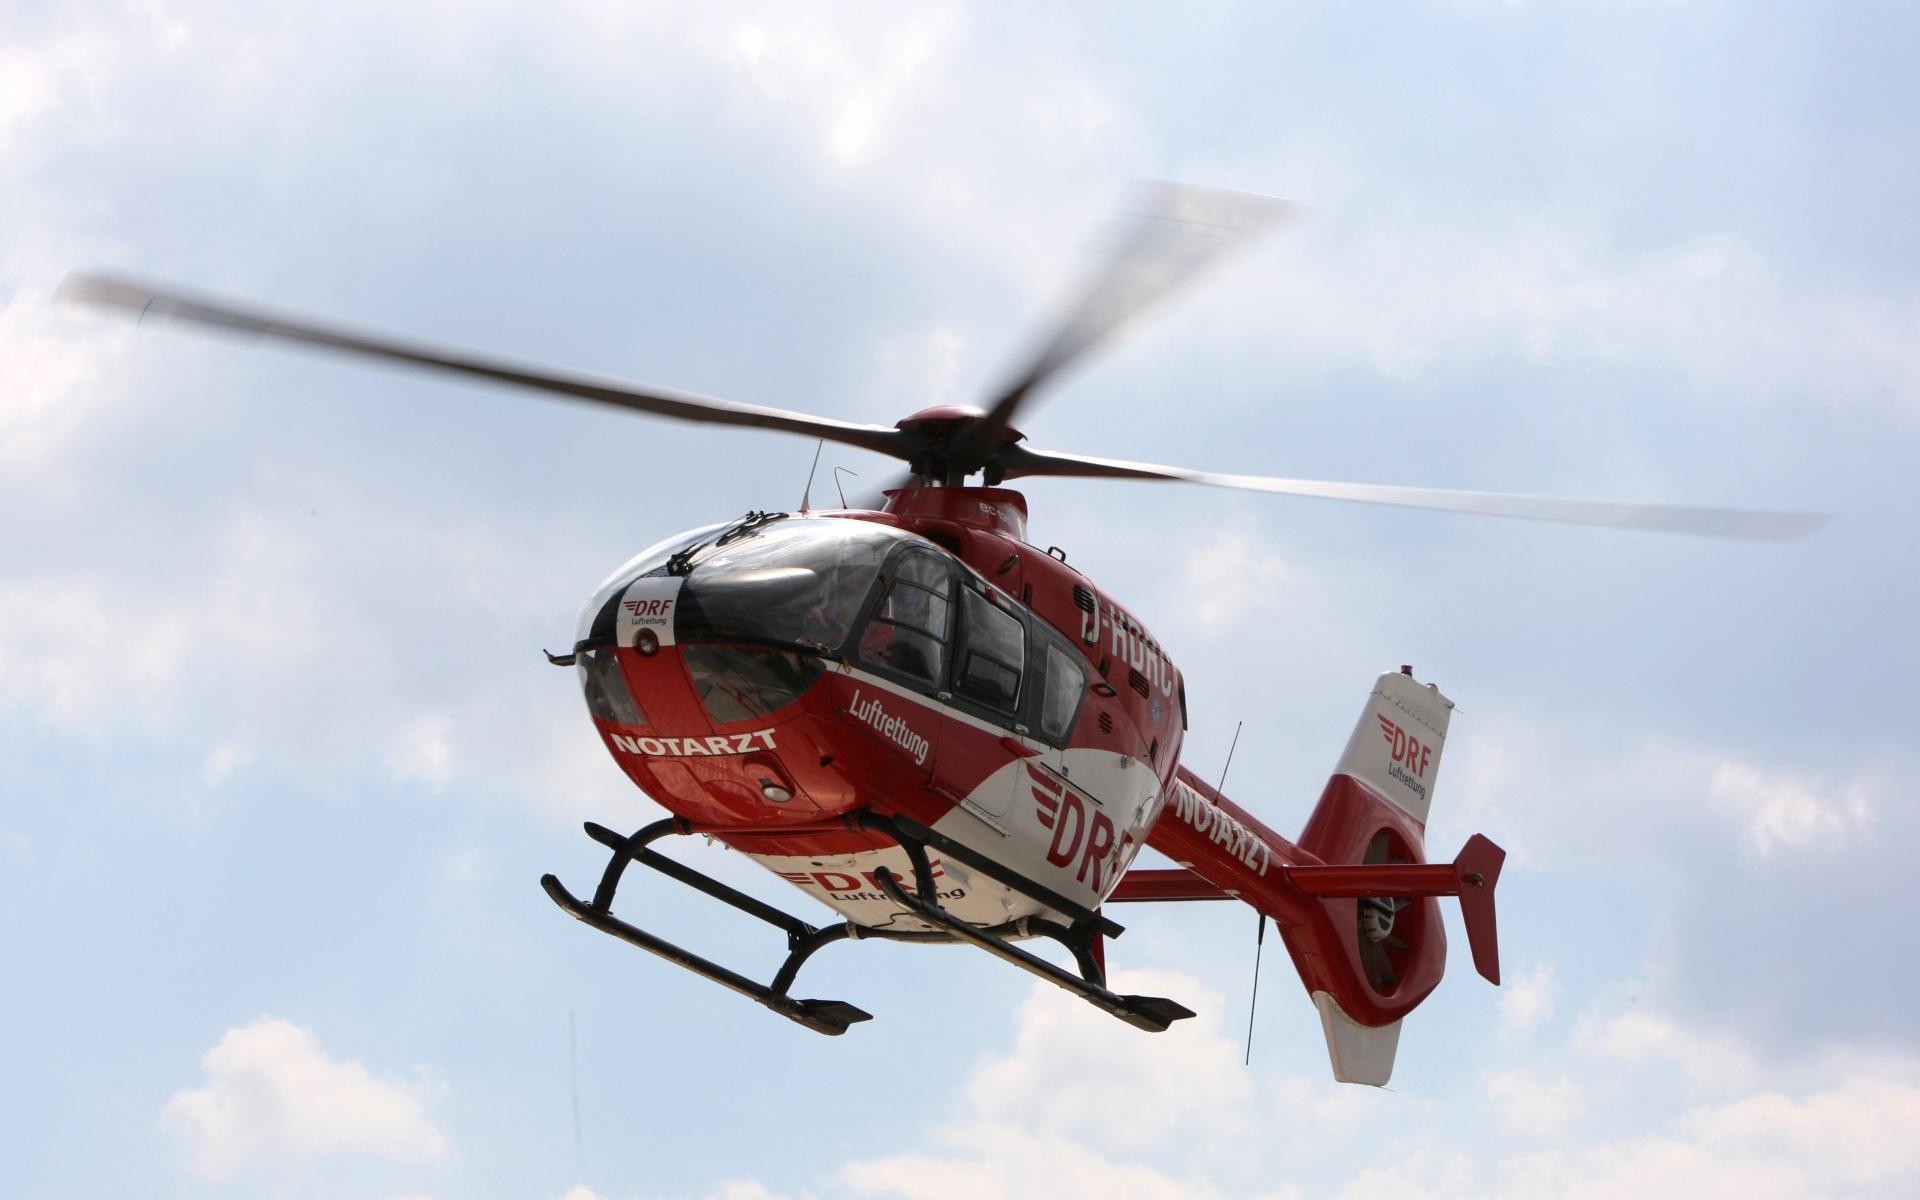 Schnelle Hilfe aus der Luft für einen schwerverletzten Motorradfahrer: Christoph 43 war im Einsatz. Symbolbild.